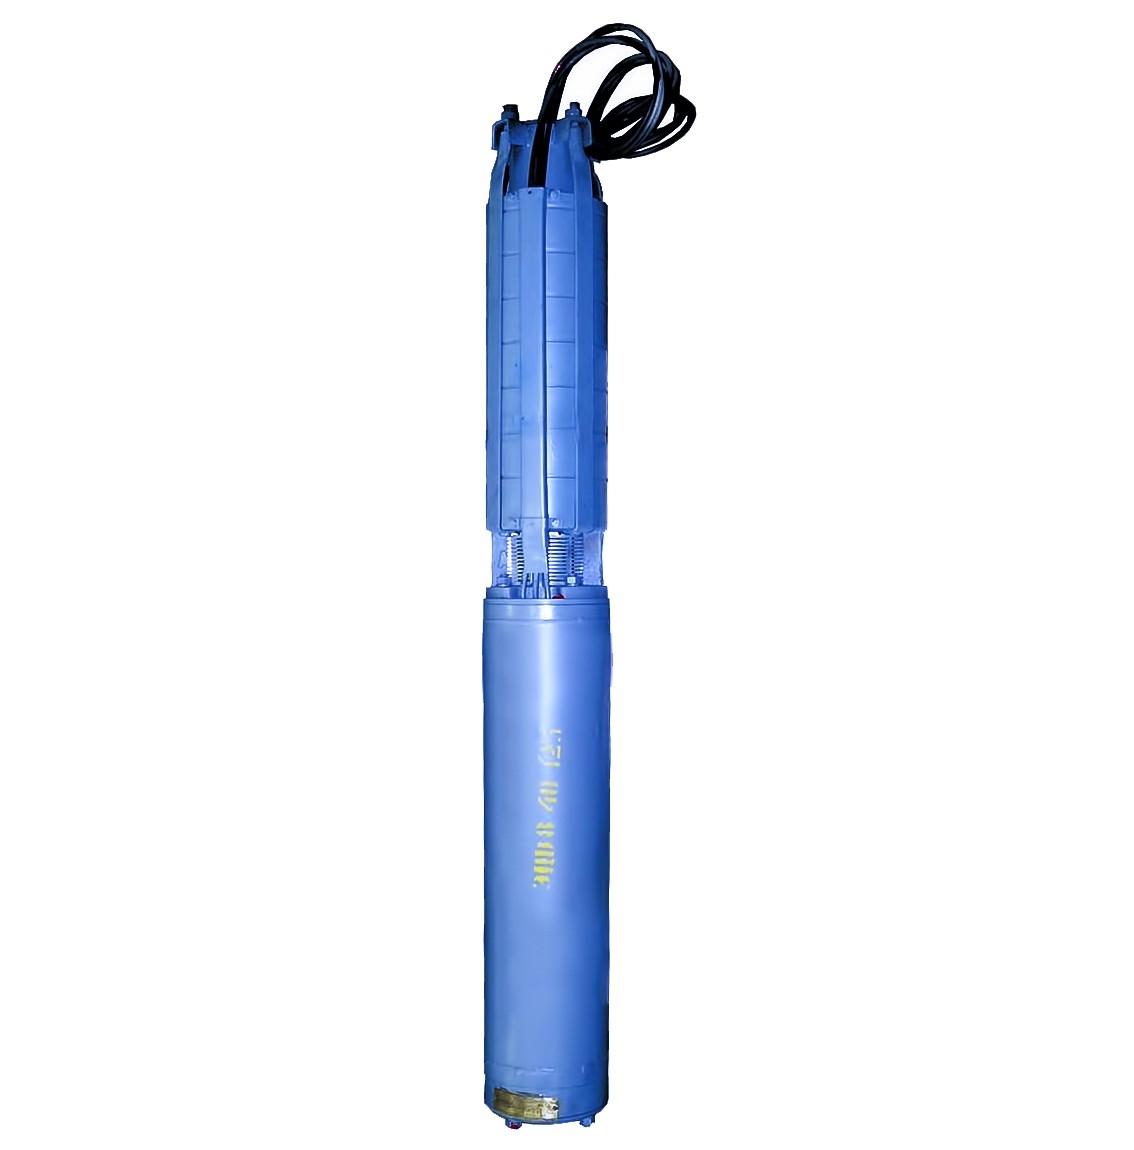 Погружной насос ЭЦВ 10-65-275 нрк